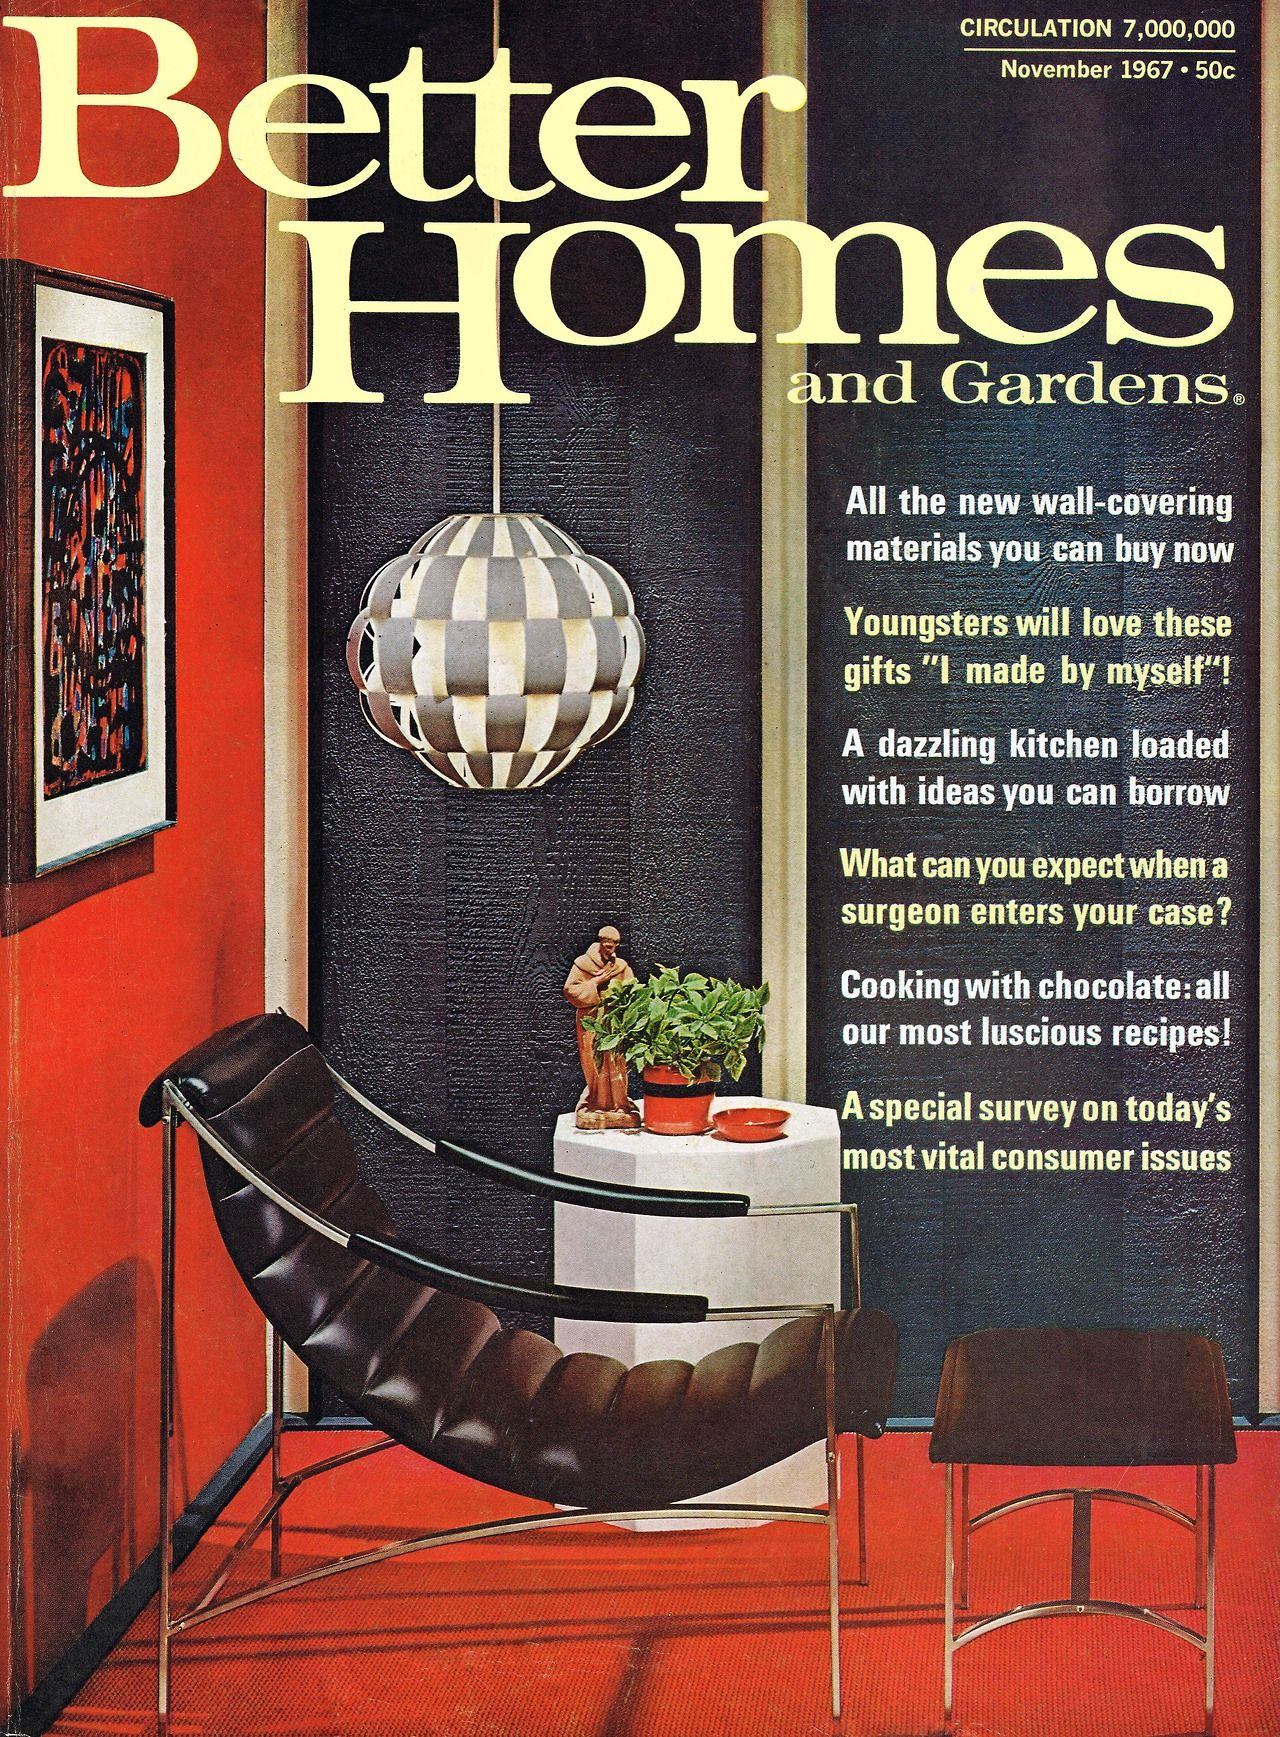 Better Homes And Gardens Magazine Cover November 1967 Better